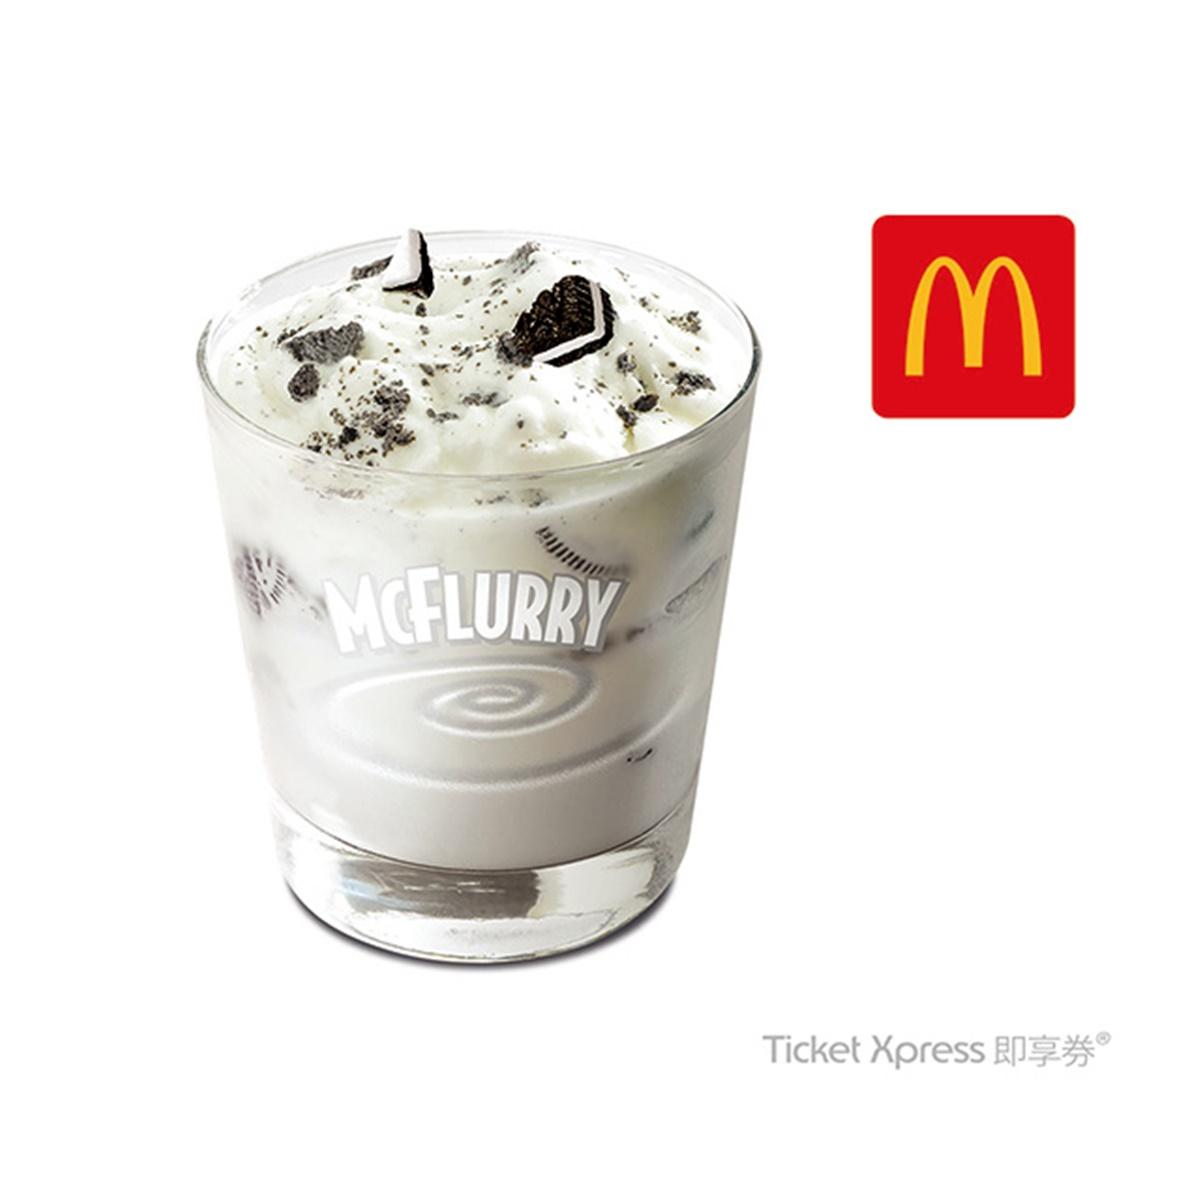 比甜心卡還狂!這幾天「11元」就能吃麥當勞,麥克鷄塊、冰炫風、蛋堡組合都有